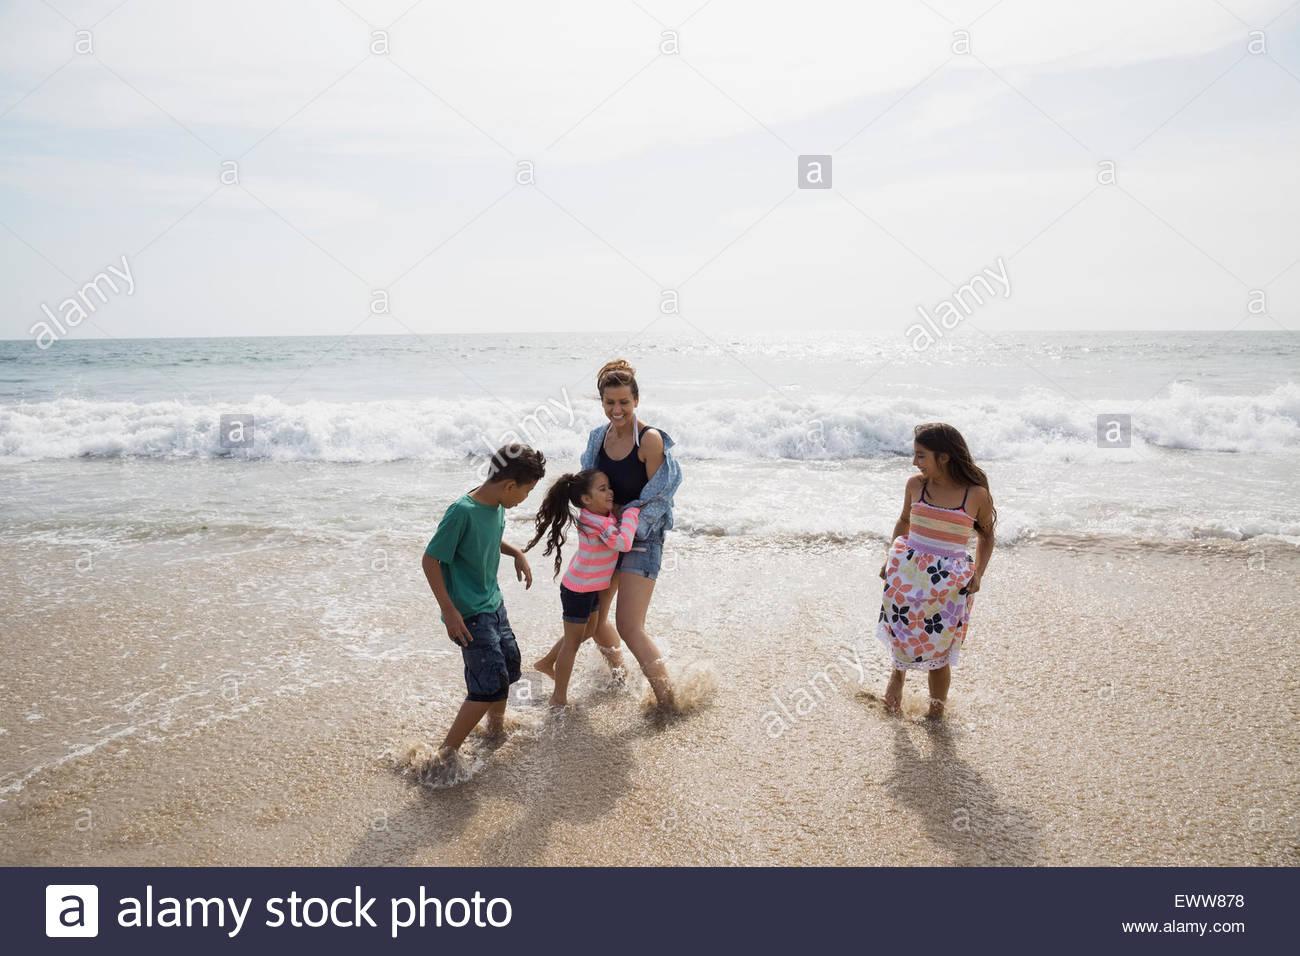 Famiglia giocando in ocean surf Immagini Stock